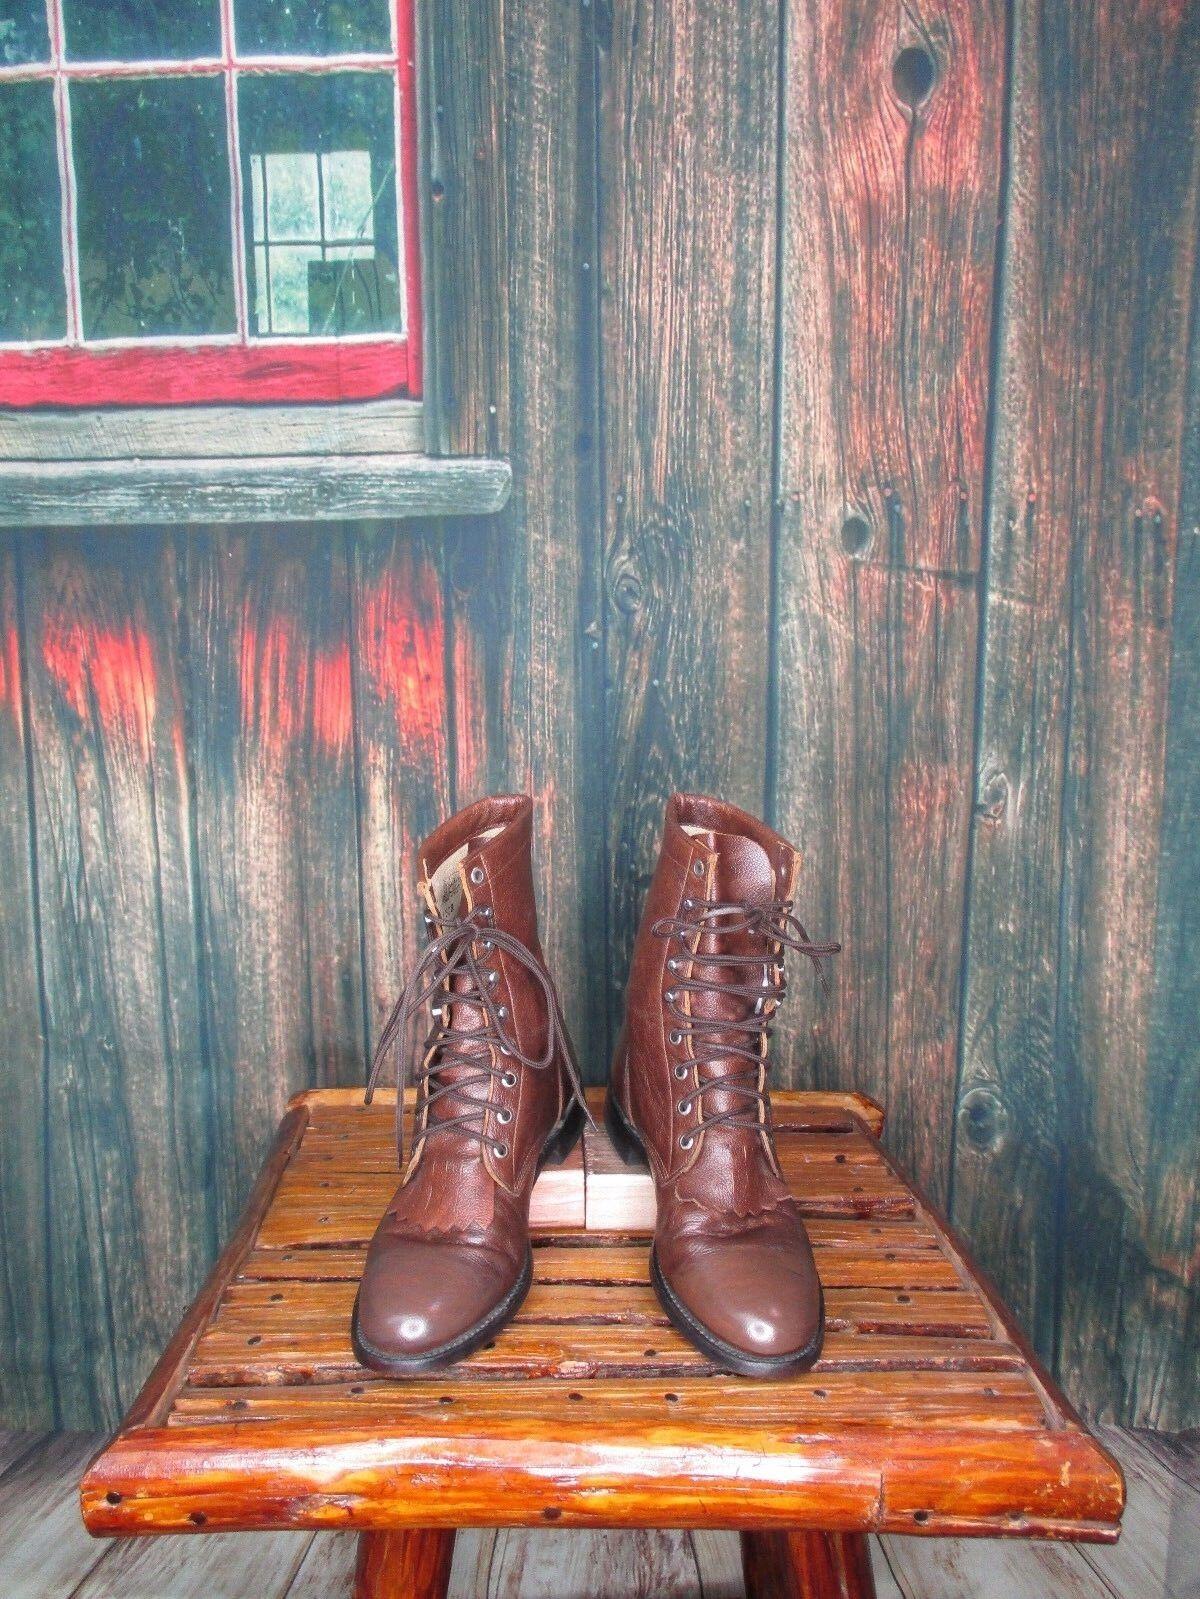 Damas De Cuero Cuero Cuero Marrón botas Con Cordones Justin Roper talla 7 B ( 20437 af)  Las ventas en línea ahorran un 70%.